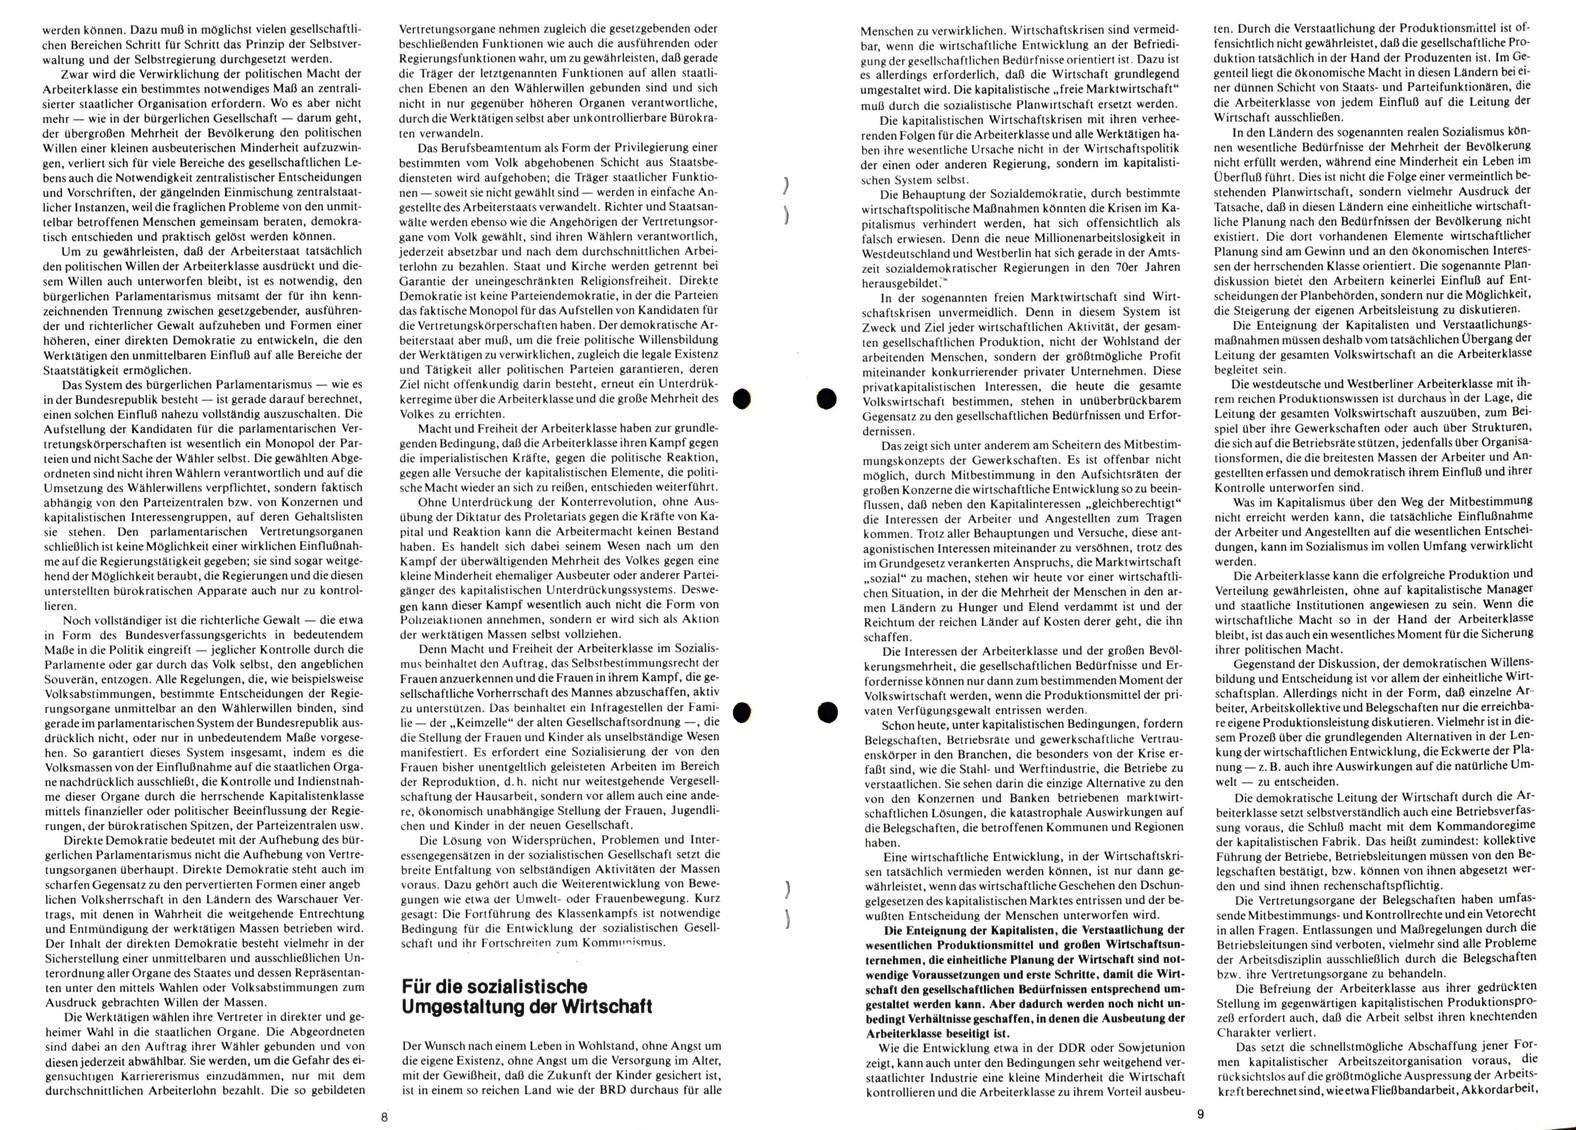 KPDML_1985_Dokumente_vom_Sonderparteitag_05